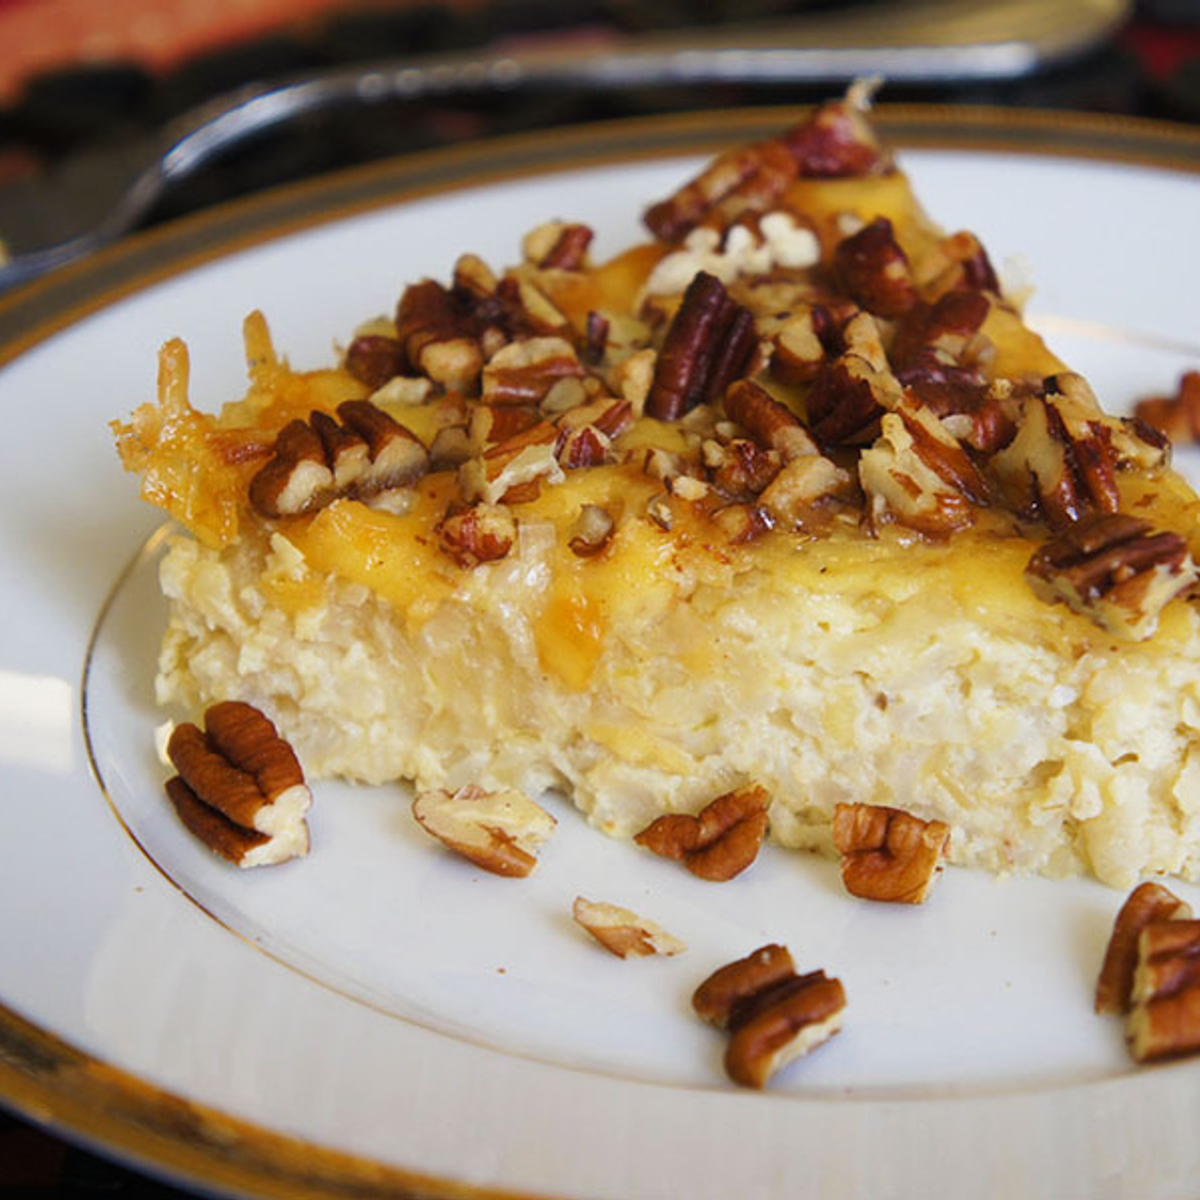 Caramelized Onion, Smoked Gouda & Pecan Rice Tart Recipe